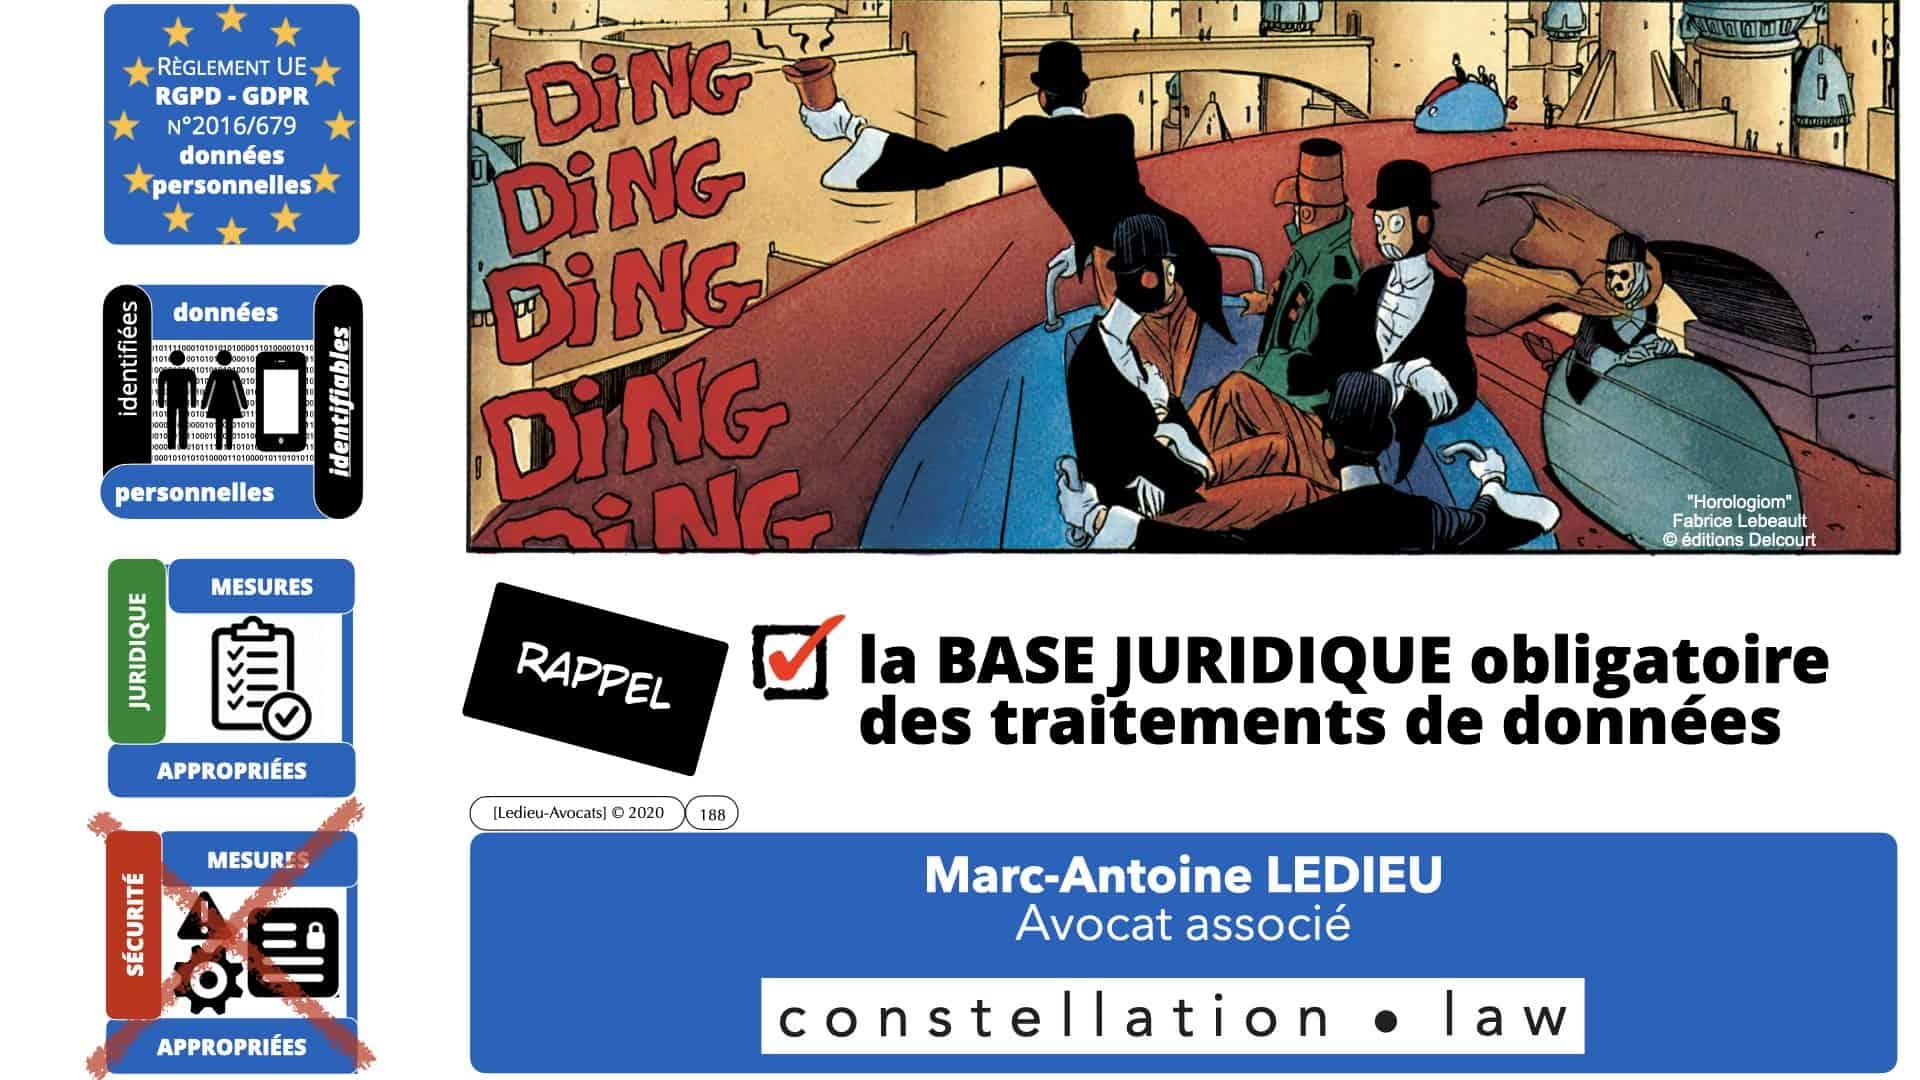 RGPD e-Privacy données personnelles jurisprudence formation Lamy Les Echos 10-02-2021 ©Ledieu-Avocats.188